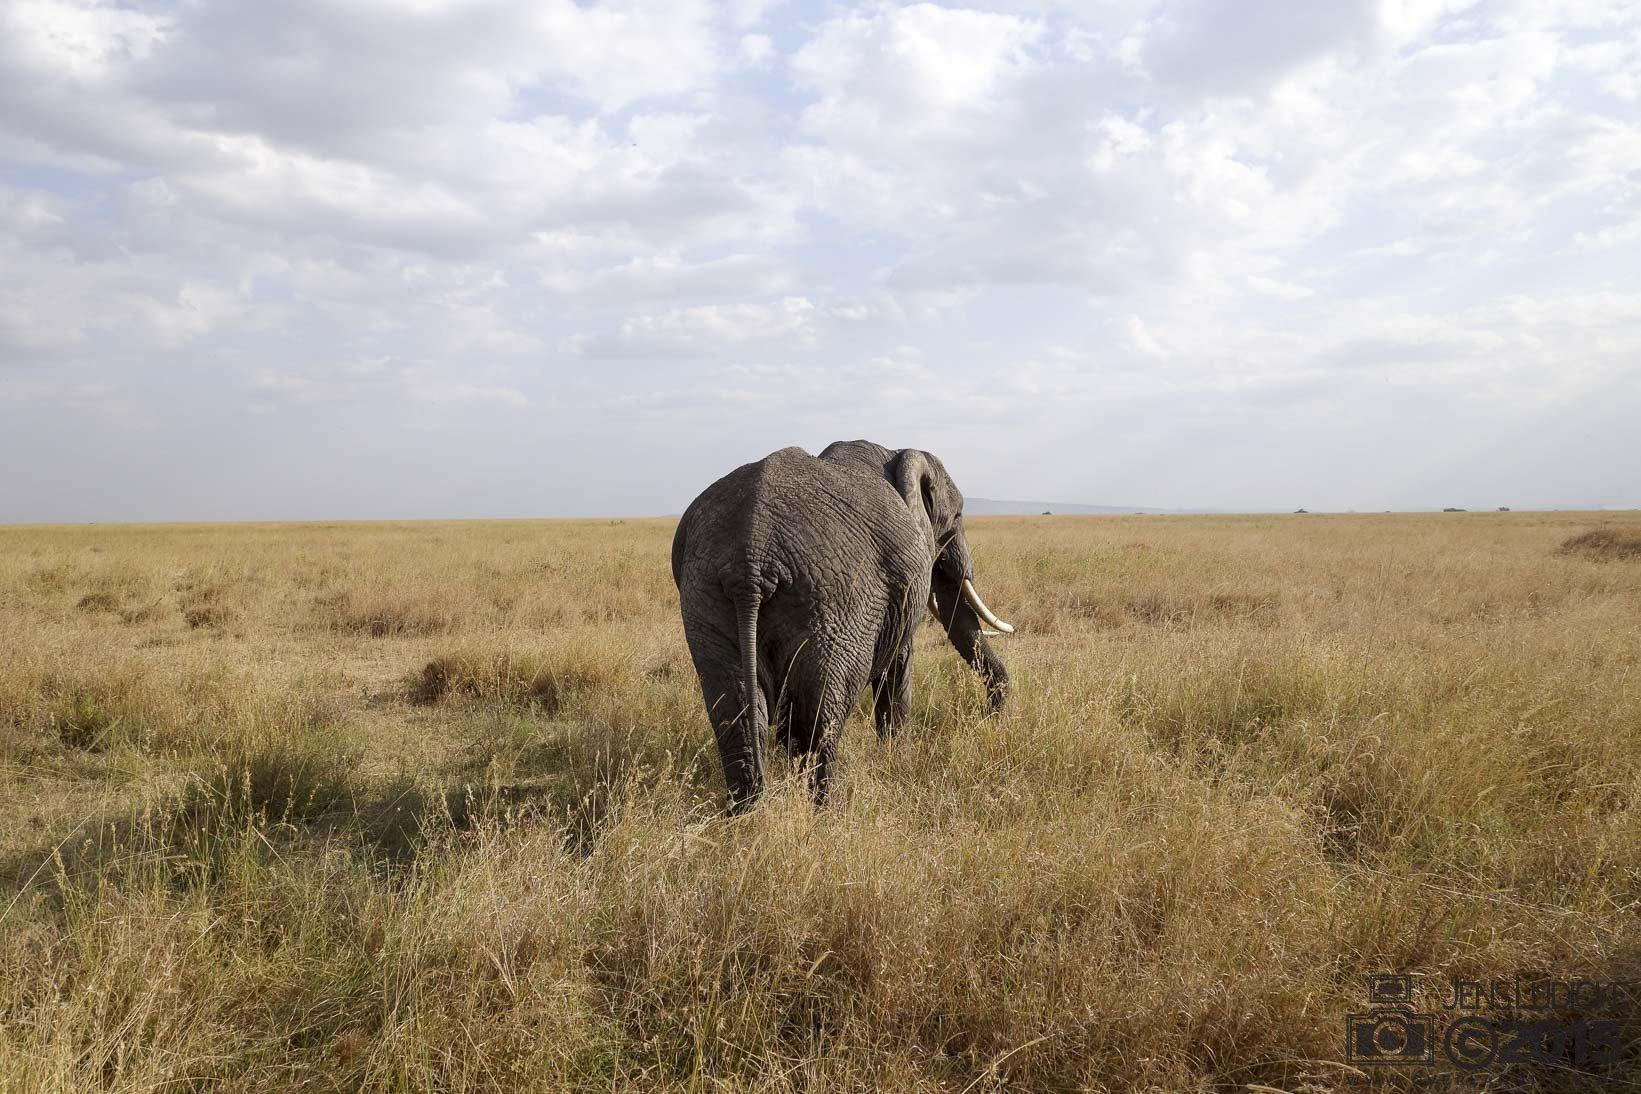 Eins der schönsten Bilder - Was für ein Elefant